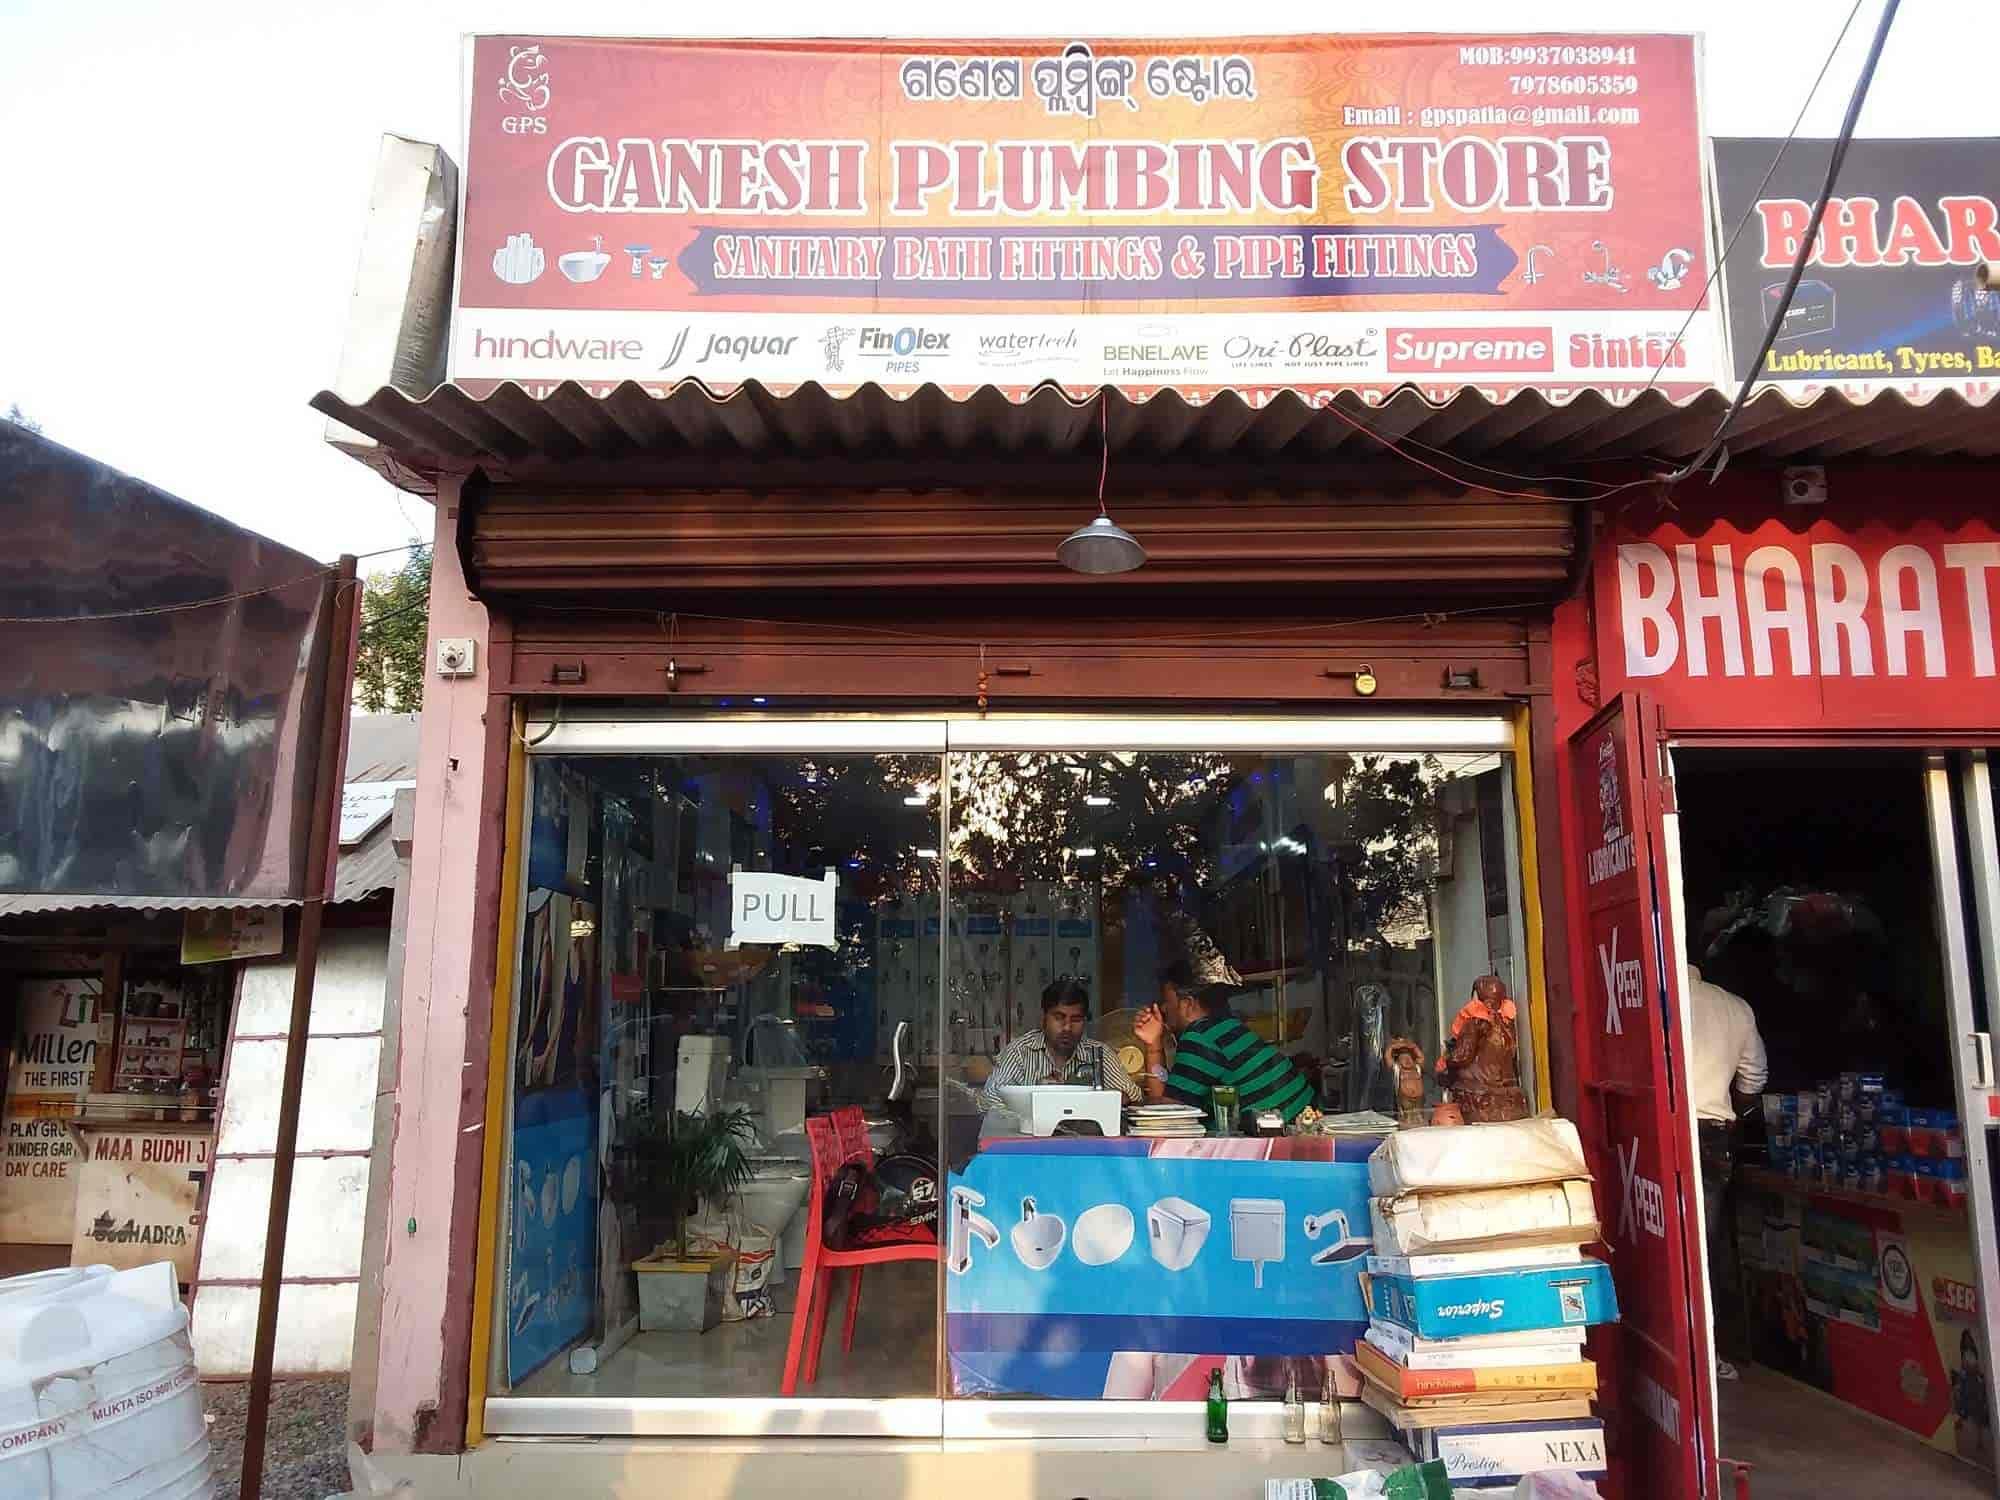 Ganesh Plumbing Store, Patia Gds - Plumbing Contractors in